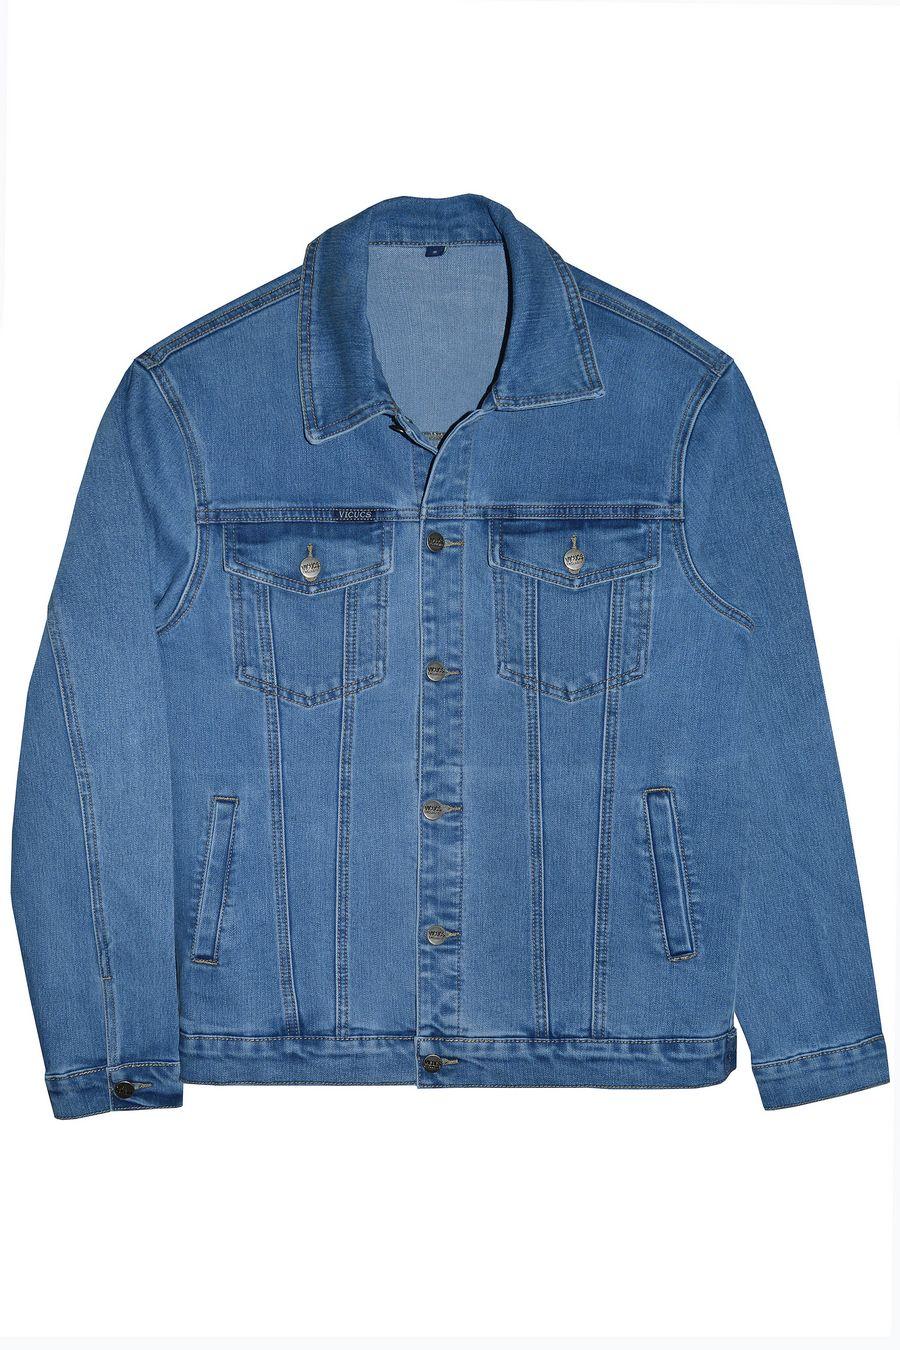 Пиджак мужской (джинсовка) Vicucs 728E.870-10-1 (M-3XL) - фото 1